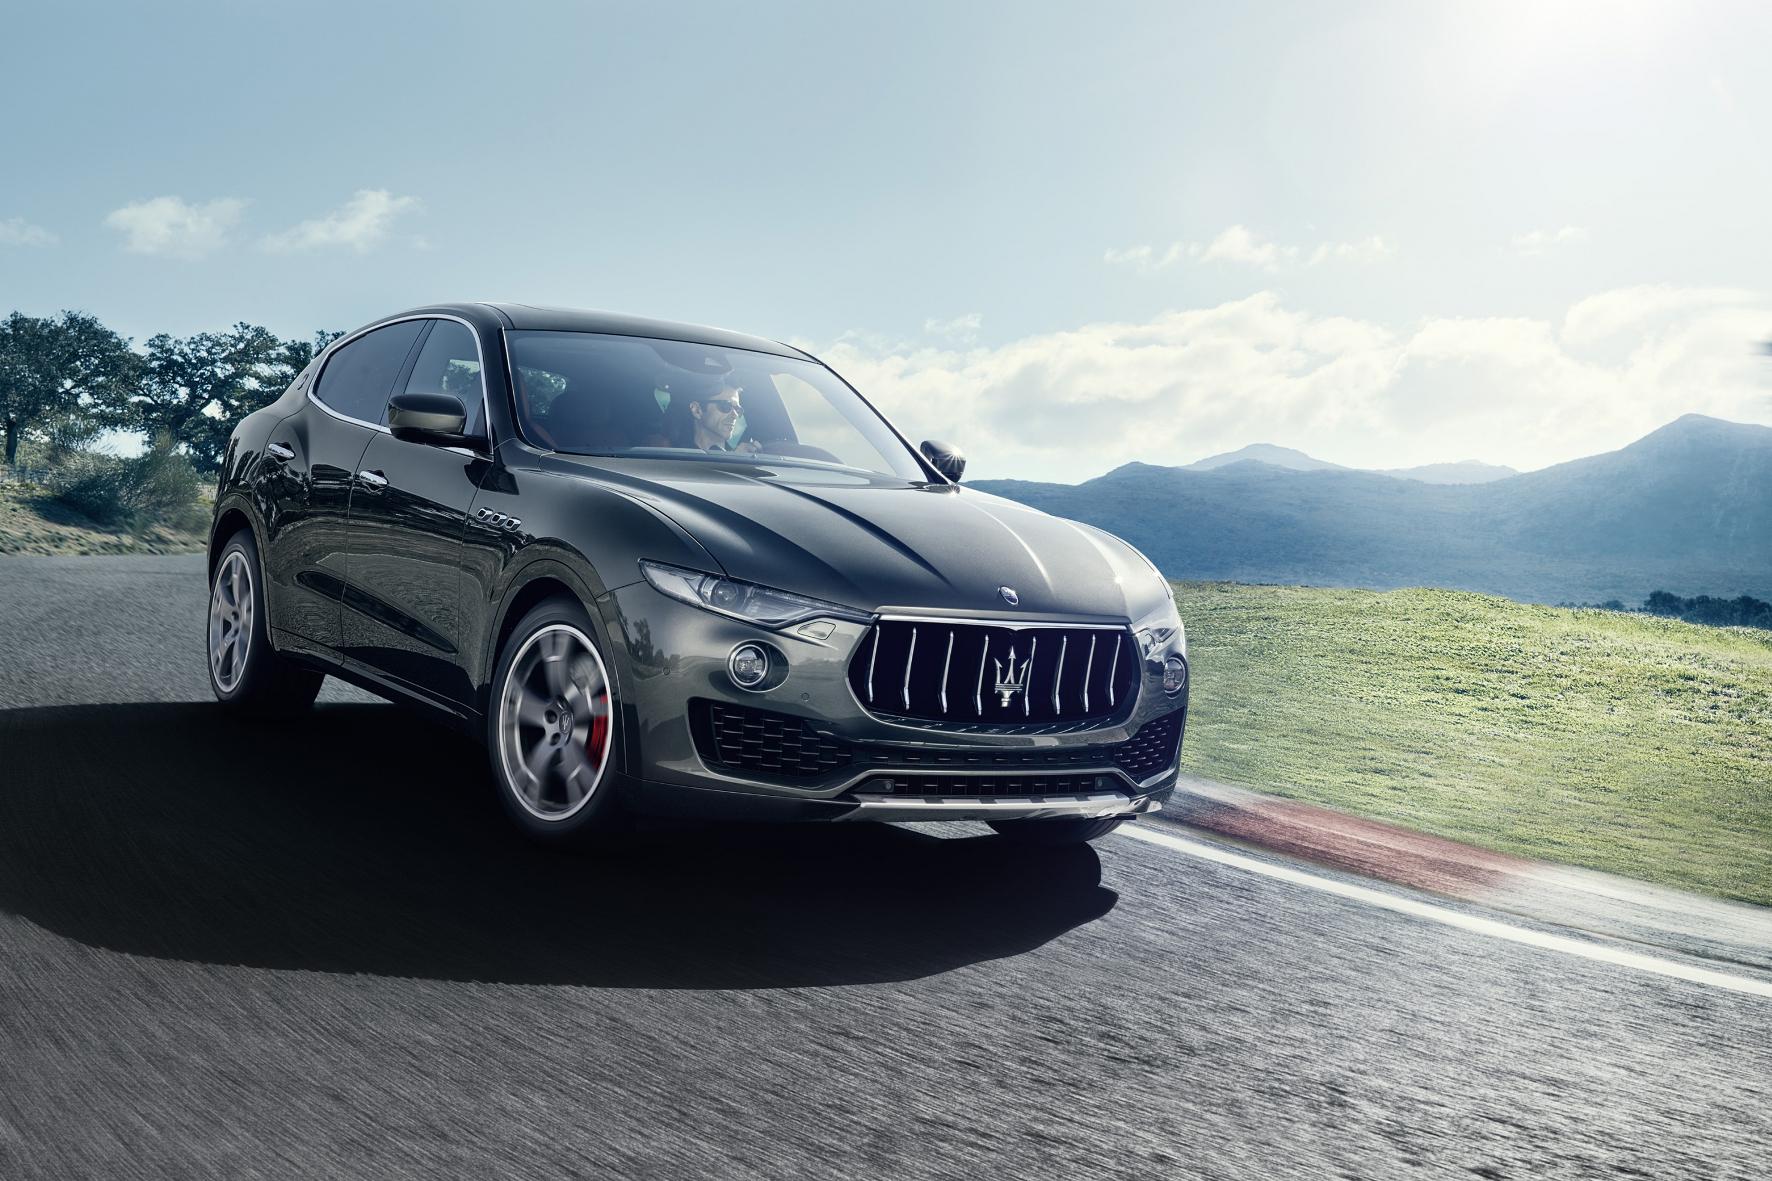 mid Frankfurt am Main - Aussagekräftige Formen: Der Levante ist auf Anhieb als Maserati zu erkennen.